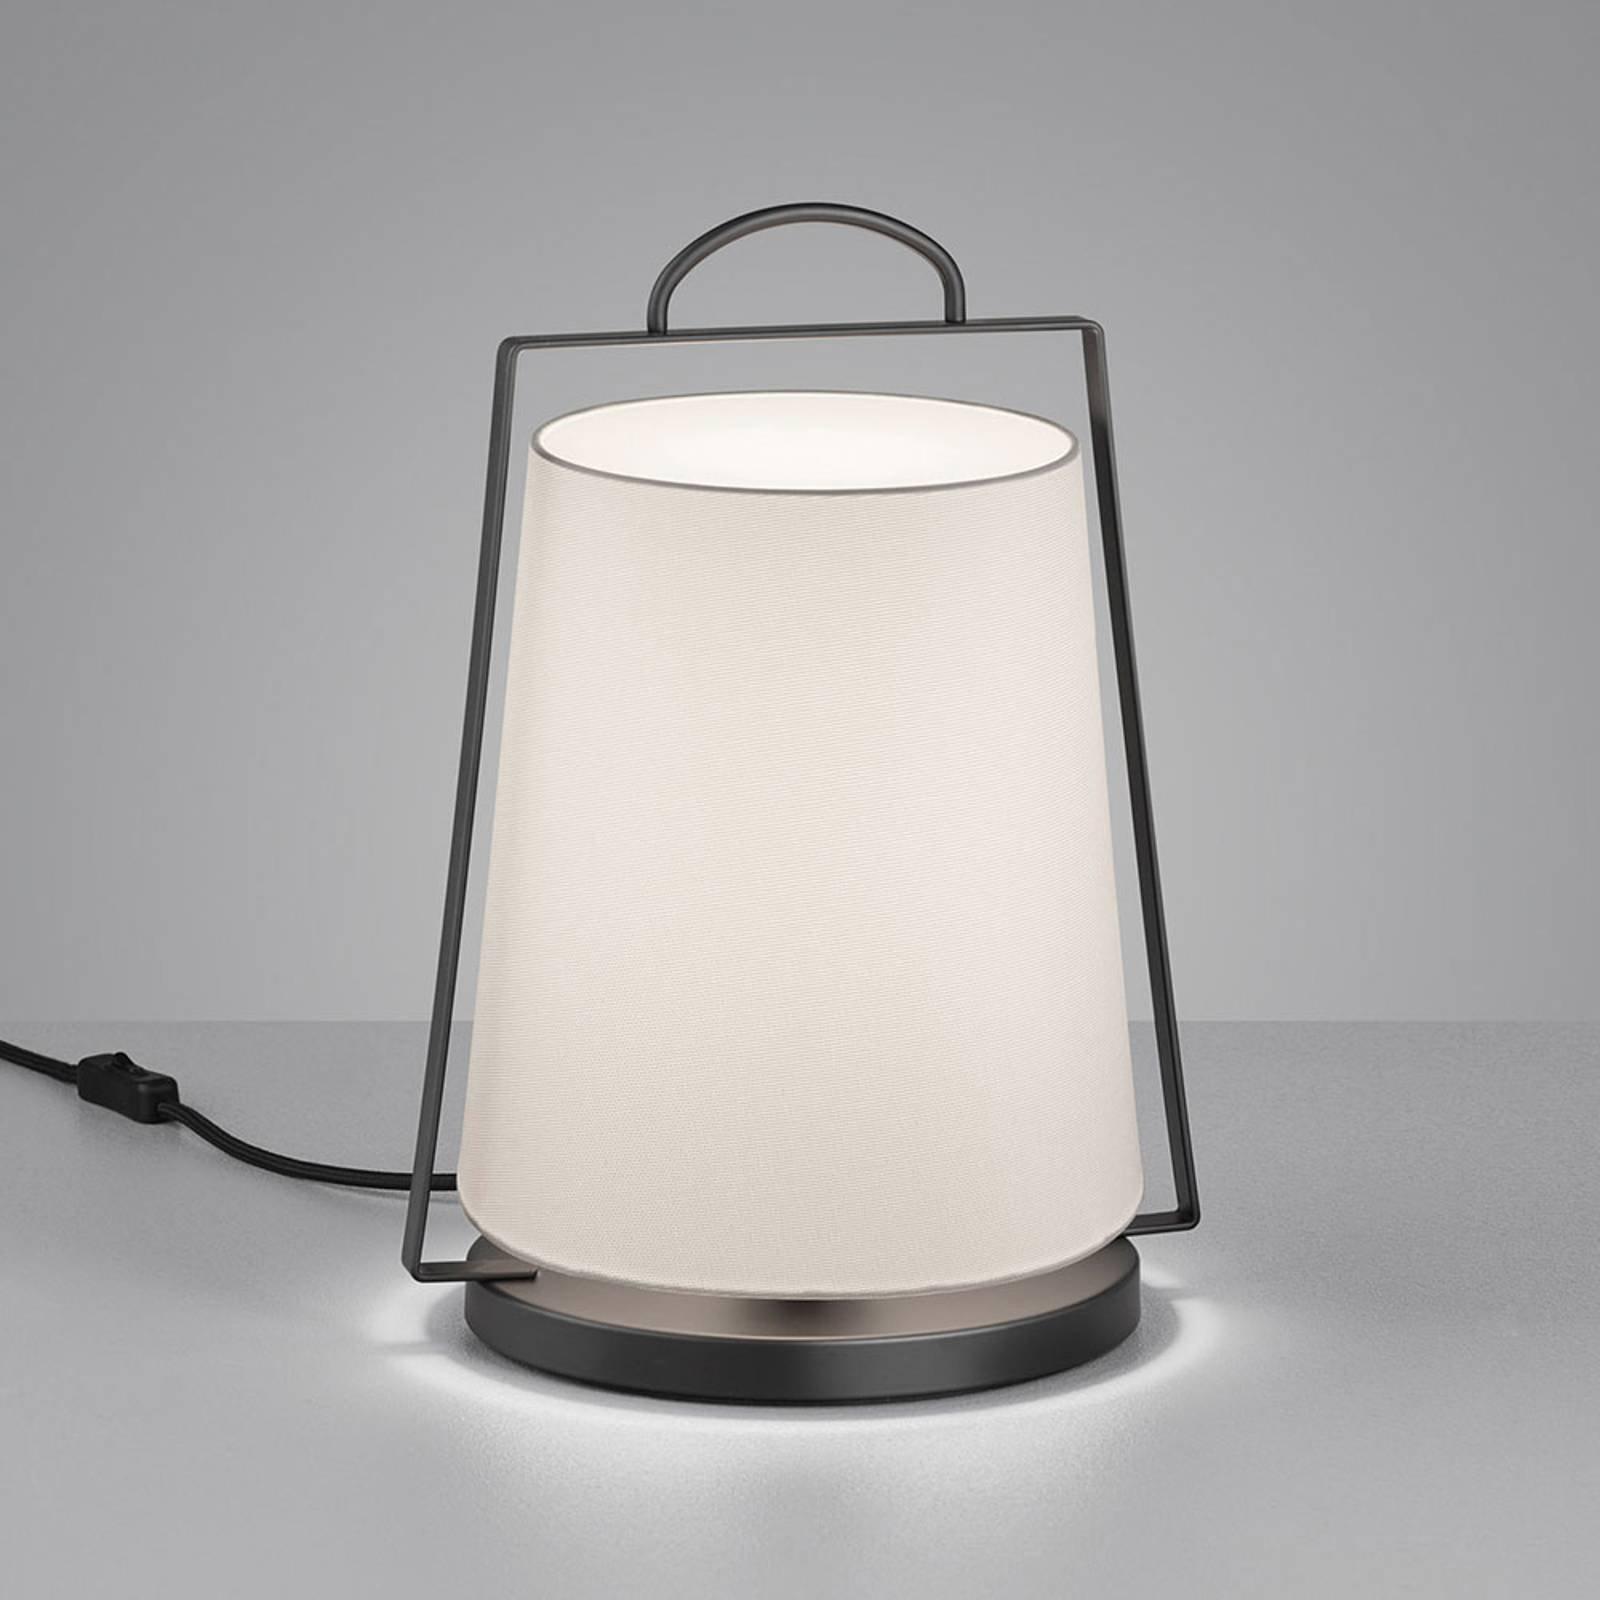 Helestra Uka bordlampe med tekstilskjerm, hvit